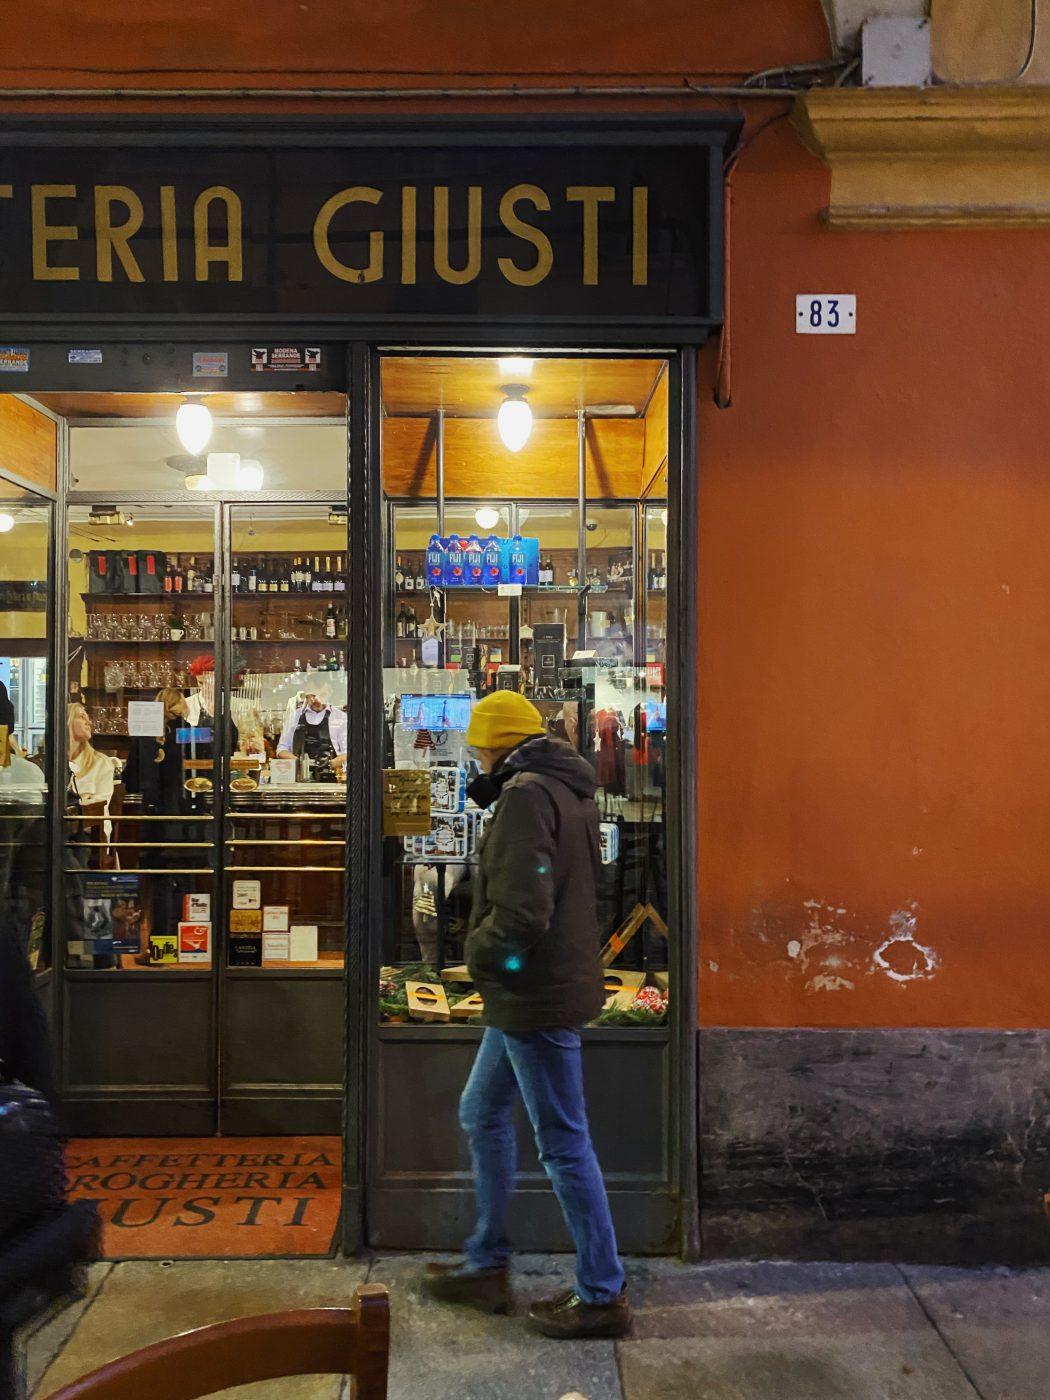 Emilia Romagna's hidden gems - Salumeria Hosteria Giusti